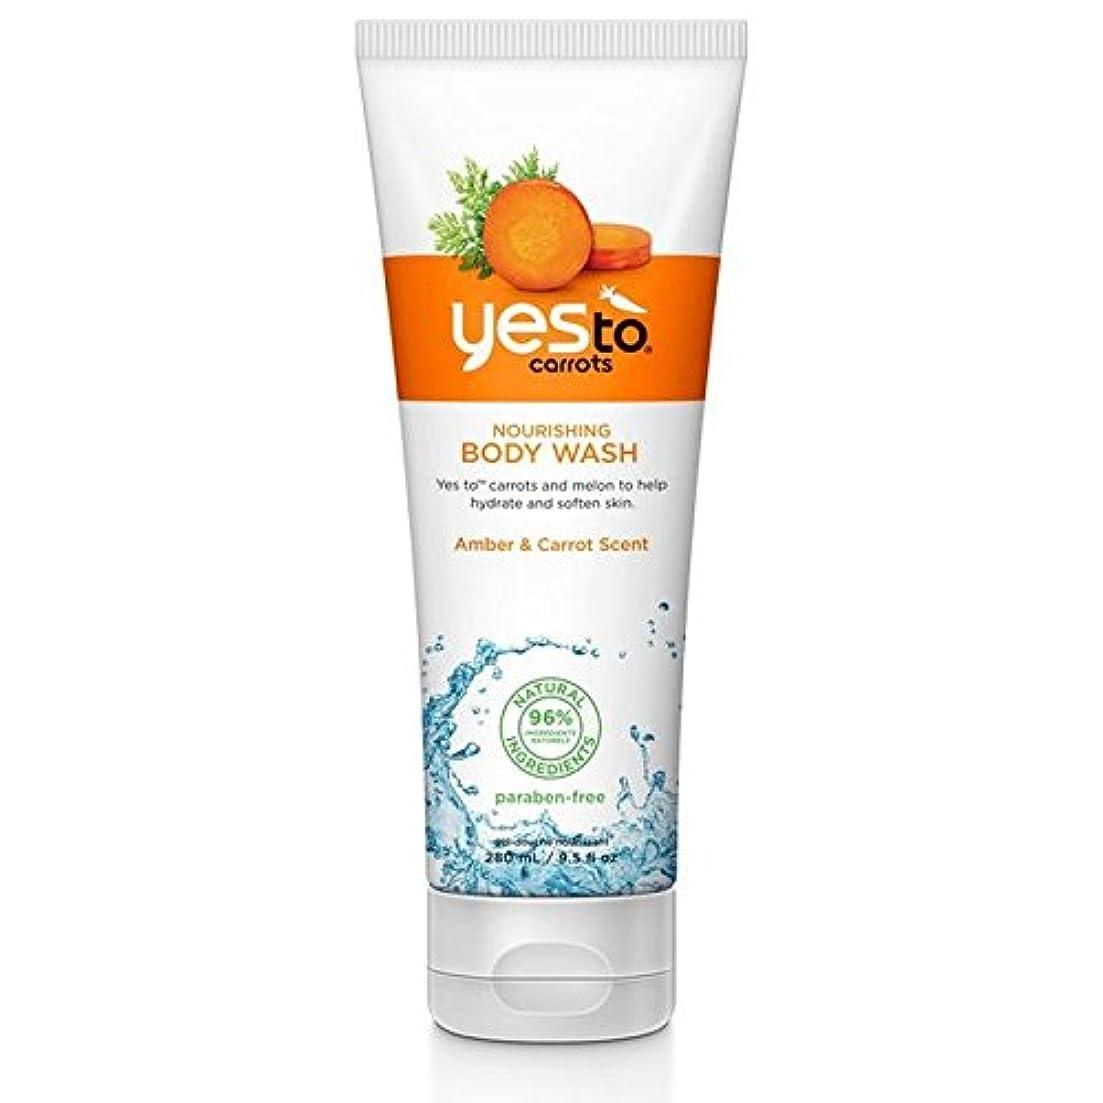 マーチャンダイジングマウスピース一般的に言えばはいボディウォッシュ280ミリリットル栄養ニンジンへ x2 - Yes To Carrots Nourishing Body Wash 280ml (Pack of 2) [並行輸入品]